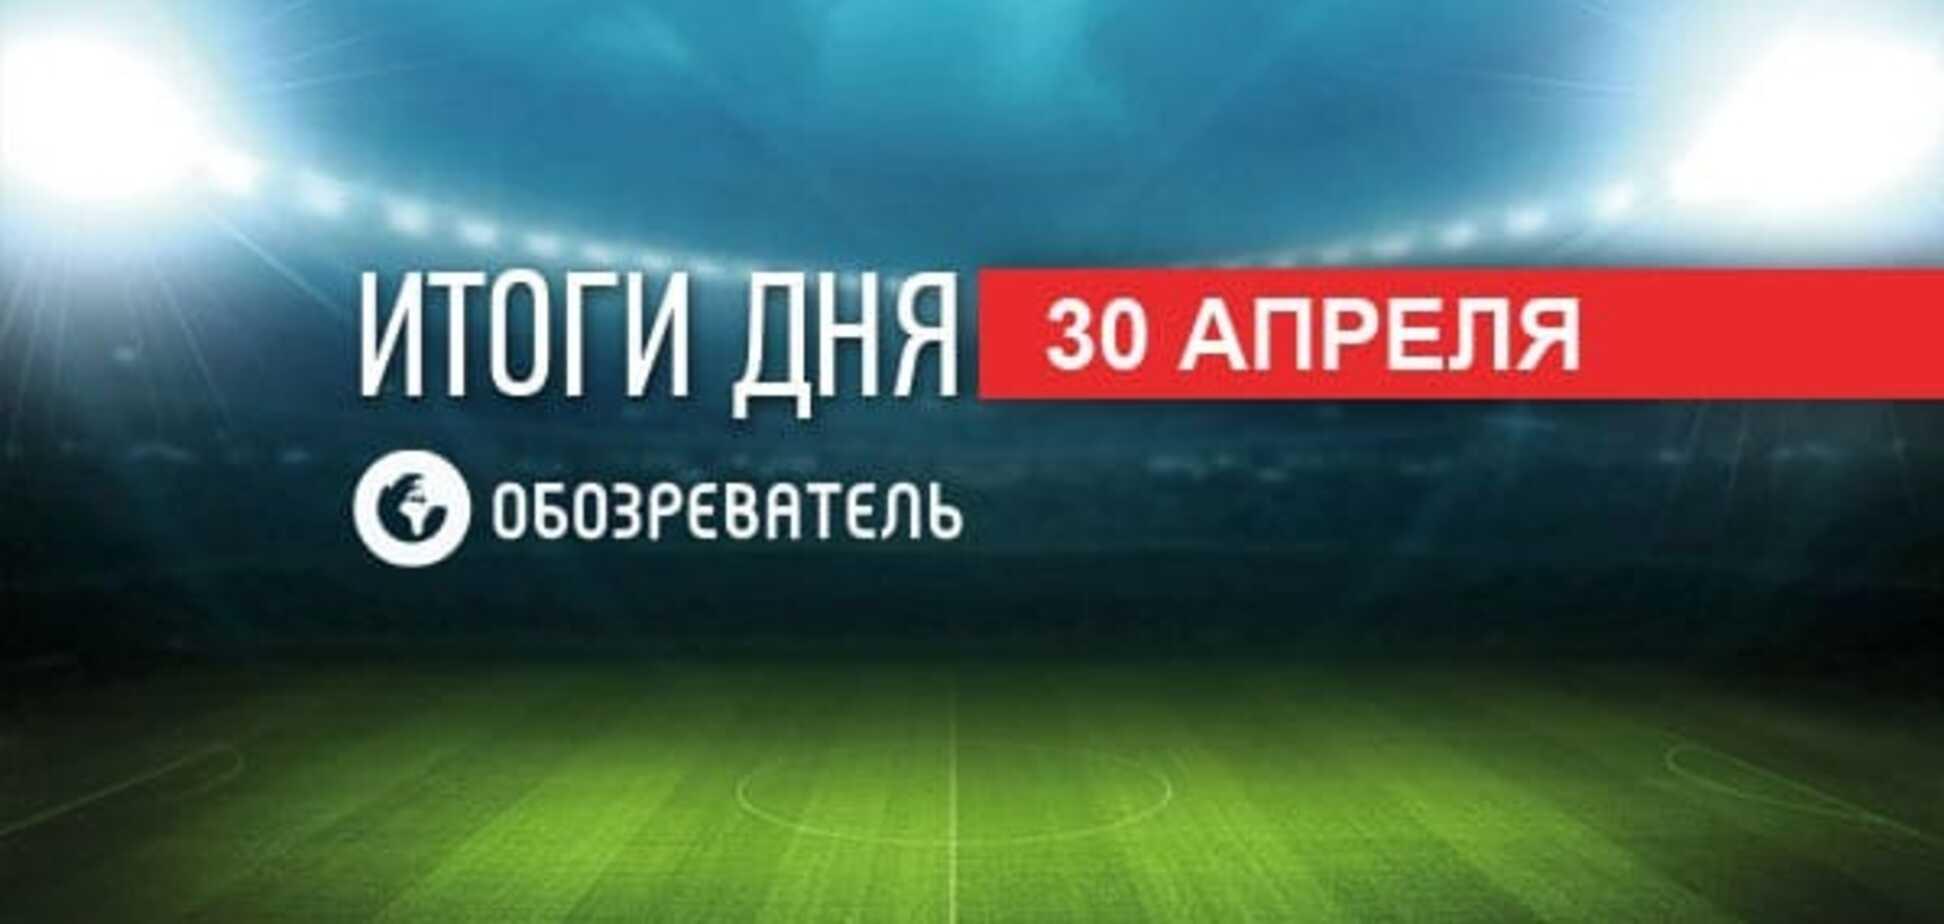 Фантастичний гімн України на 'Шахтар' - 'Севілья'. Спортивні підсумки за 30 квітня